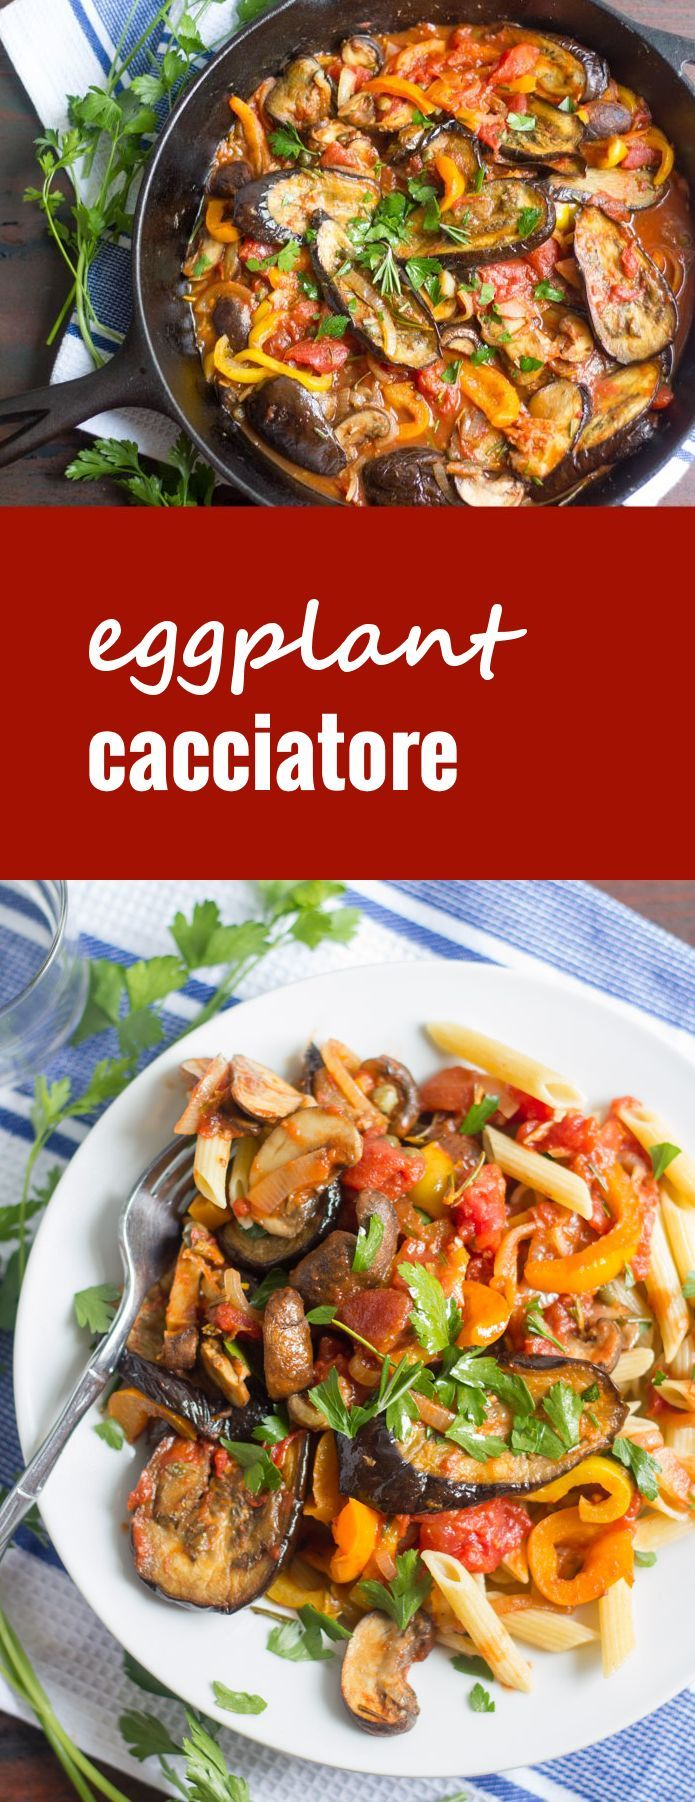 Eggplant Cacciatore